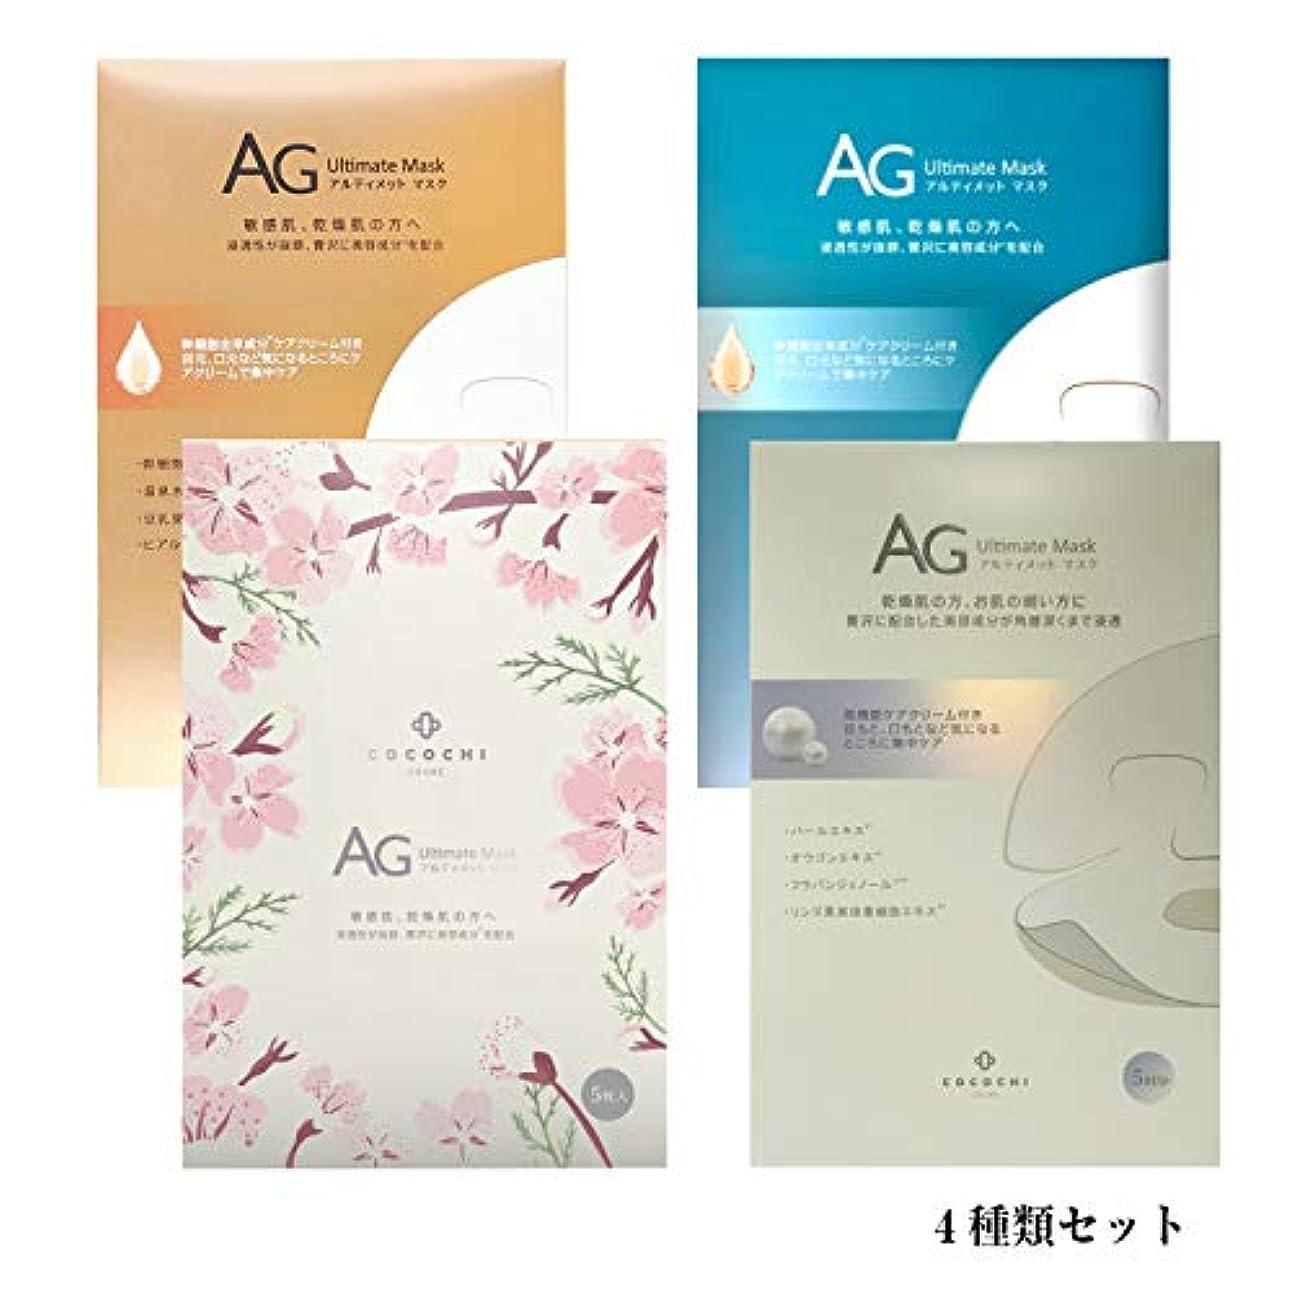 ウィスキー重量累積AGアルティメットマスク 4種類セット AG アルティメットマスク/オーシャンマスク/さくら/アコヤ真珠マスク